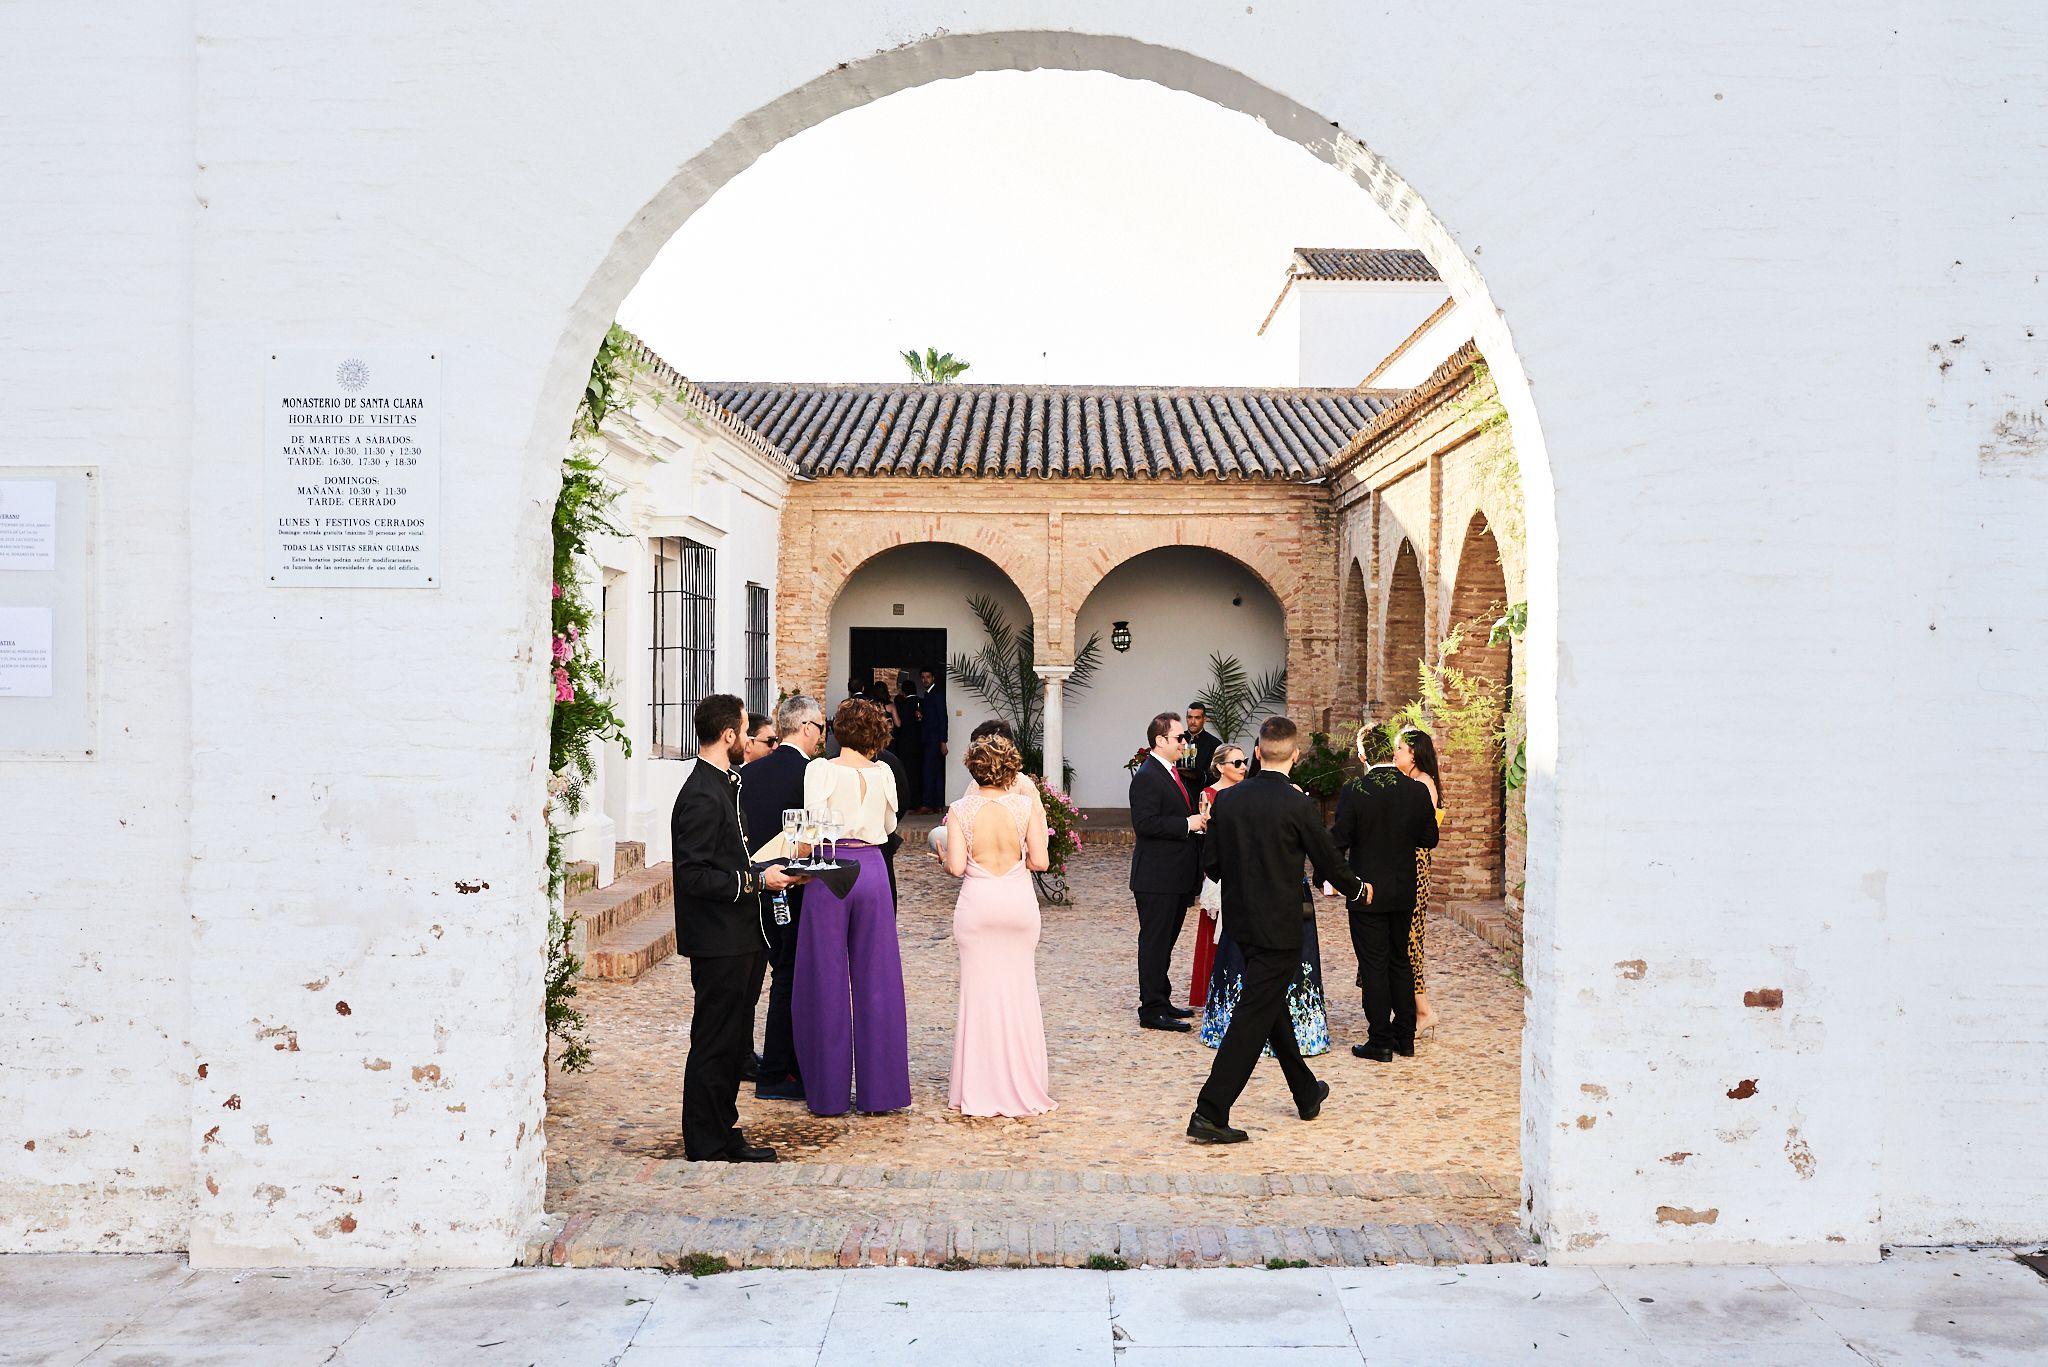 La-22Destination-Wedding22-en-Moguer-de-Lauren-y-JosC3A9-Antonio-JoseAntonio-alejandromarmol1965.jpg